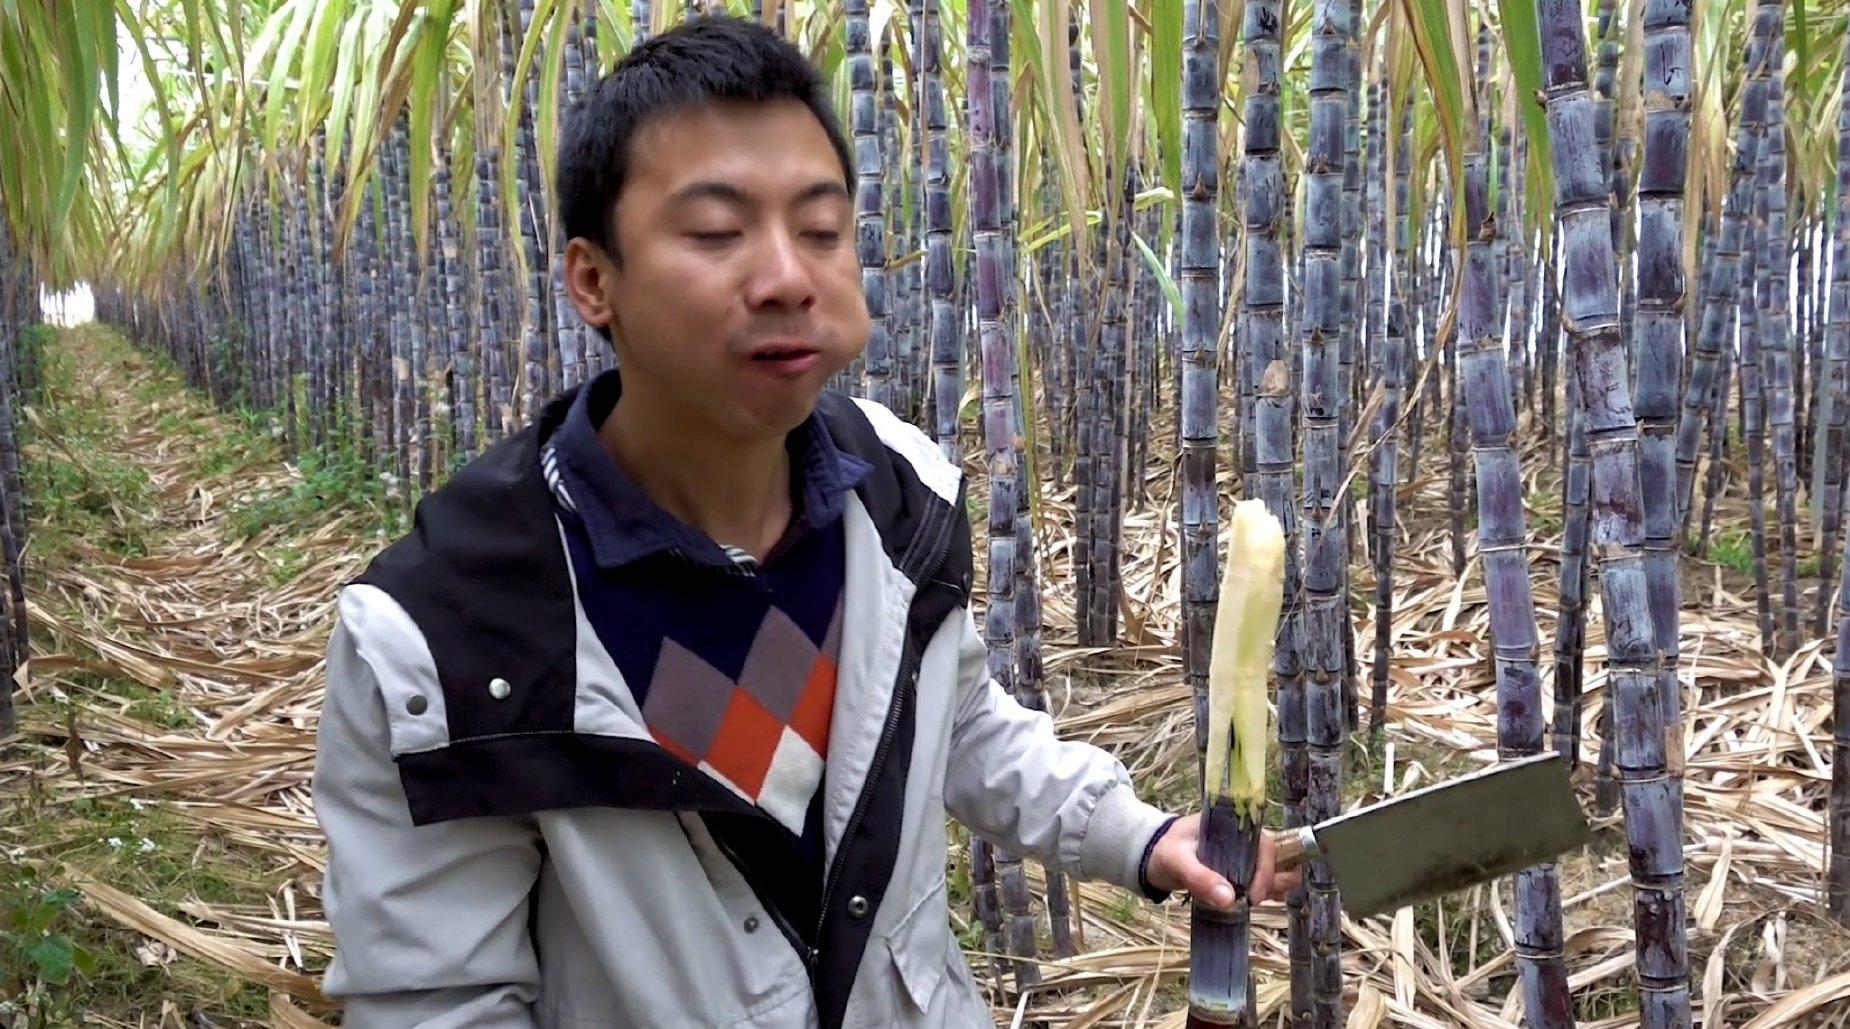 华农兄弟:看下兄弟家的甘蔗,顺便砍点来尝下,再去砍一把香蕉